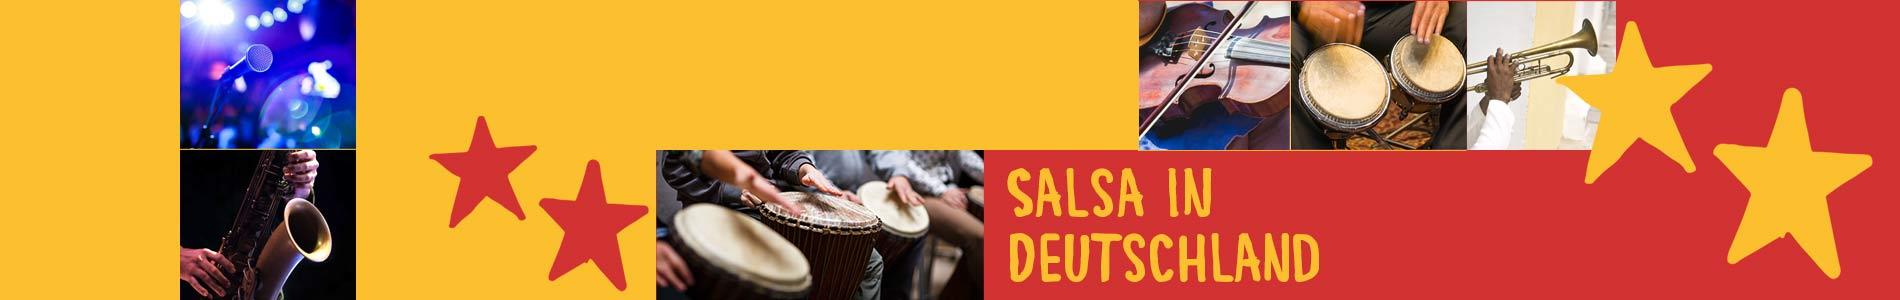 Salsa in Börgerende-Rethwisch – Salsa lernen und tanzen, Tanzkurse, Partys, Veranstaltungen